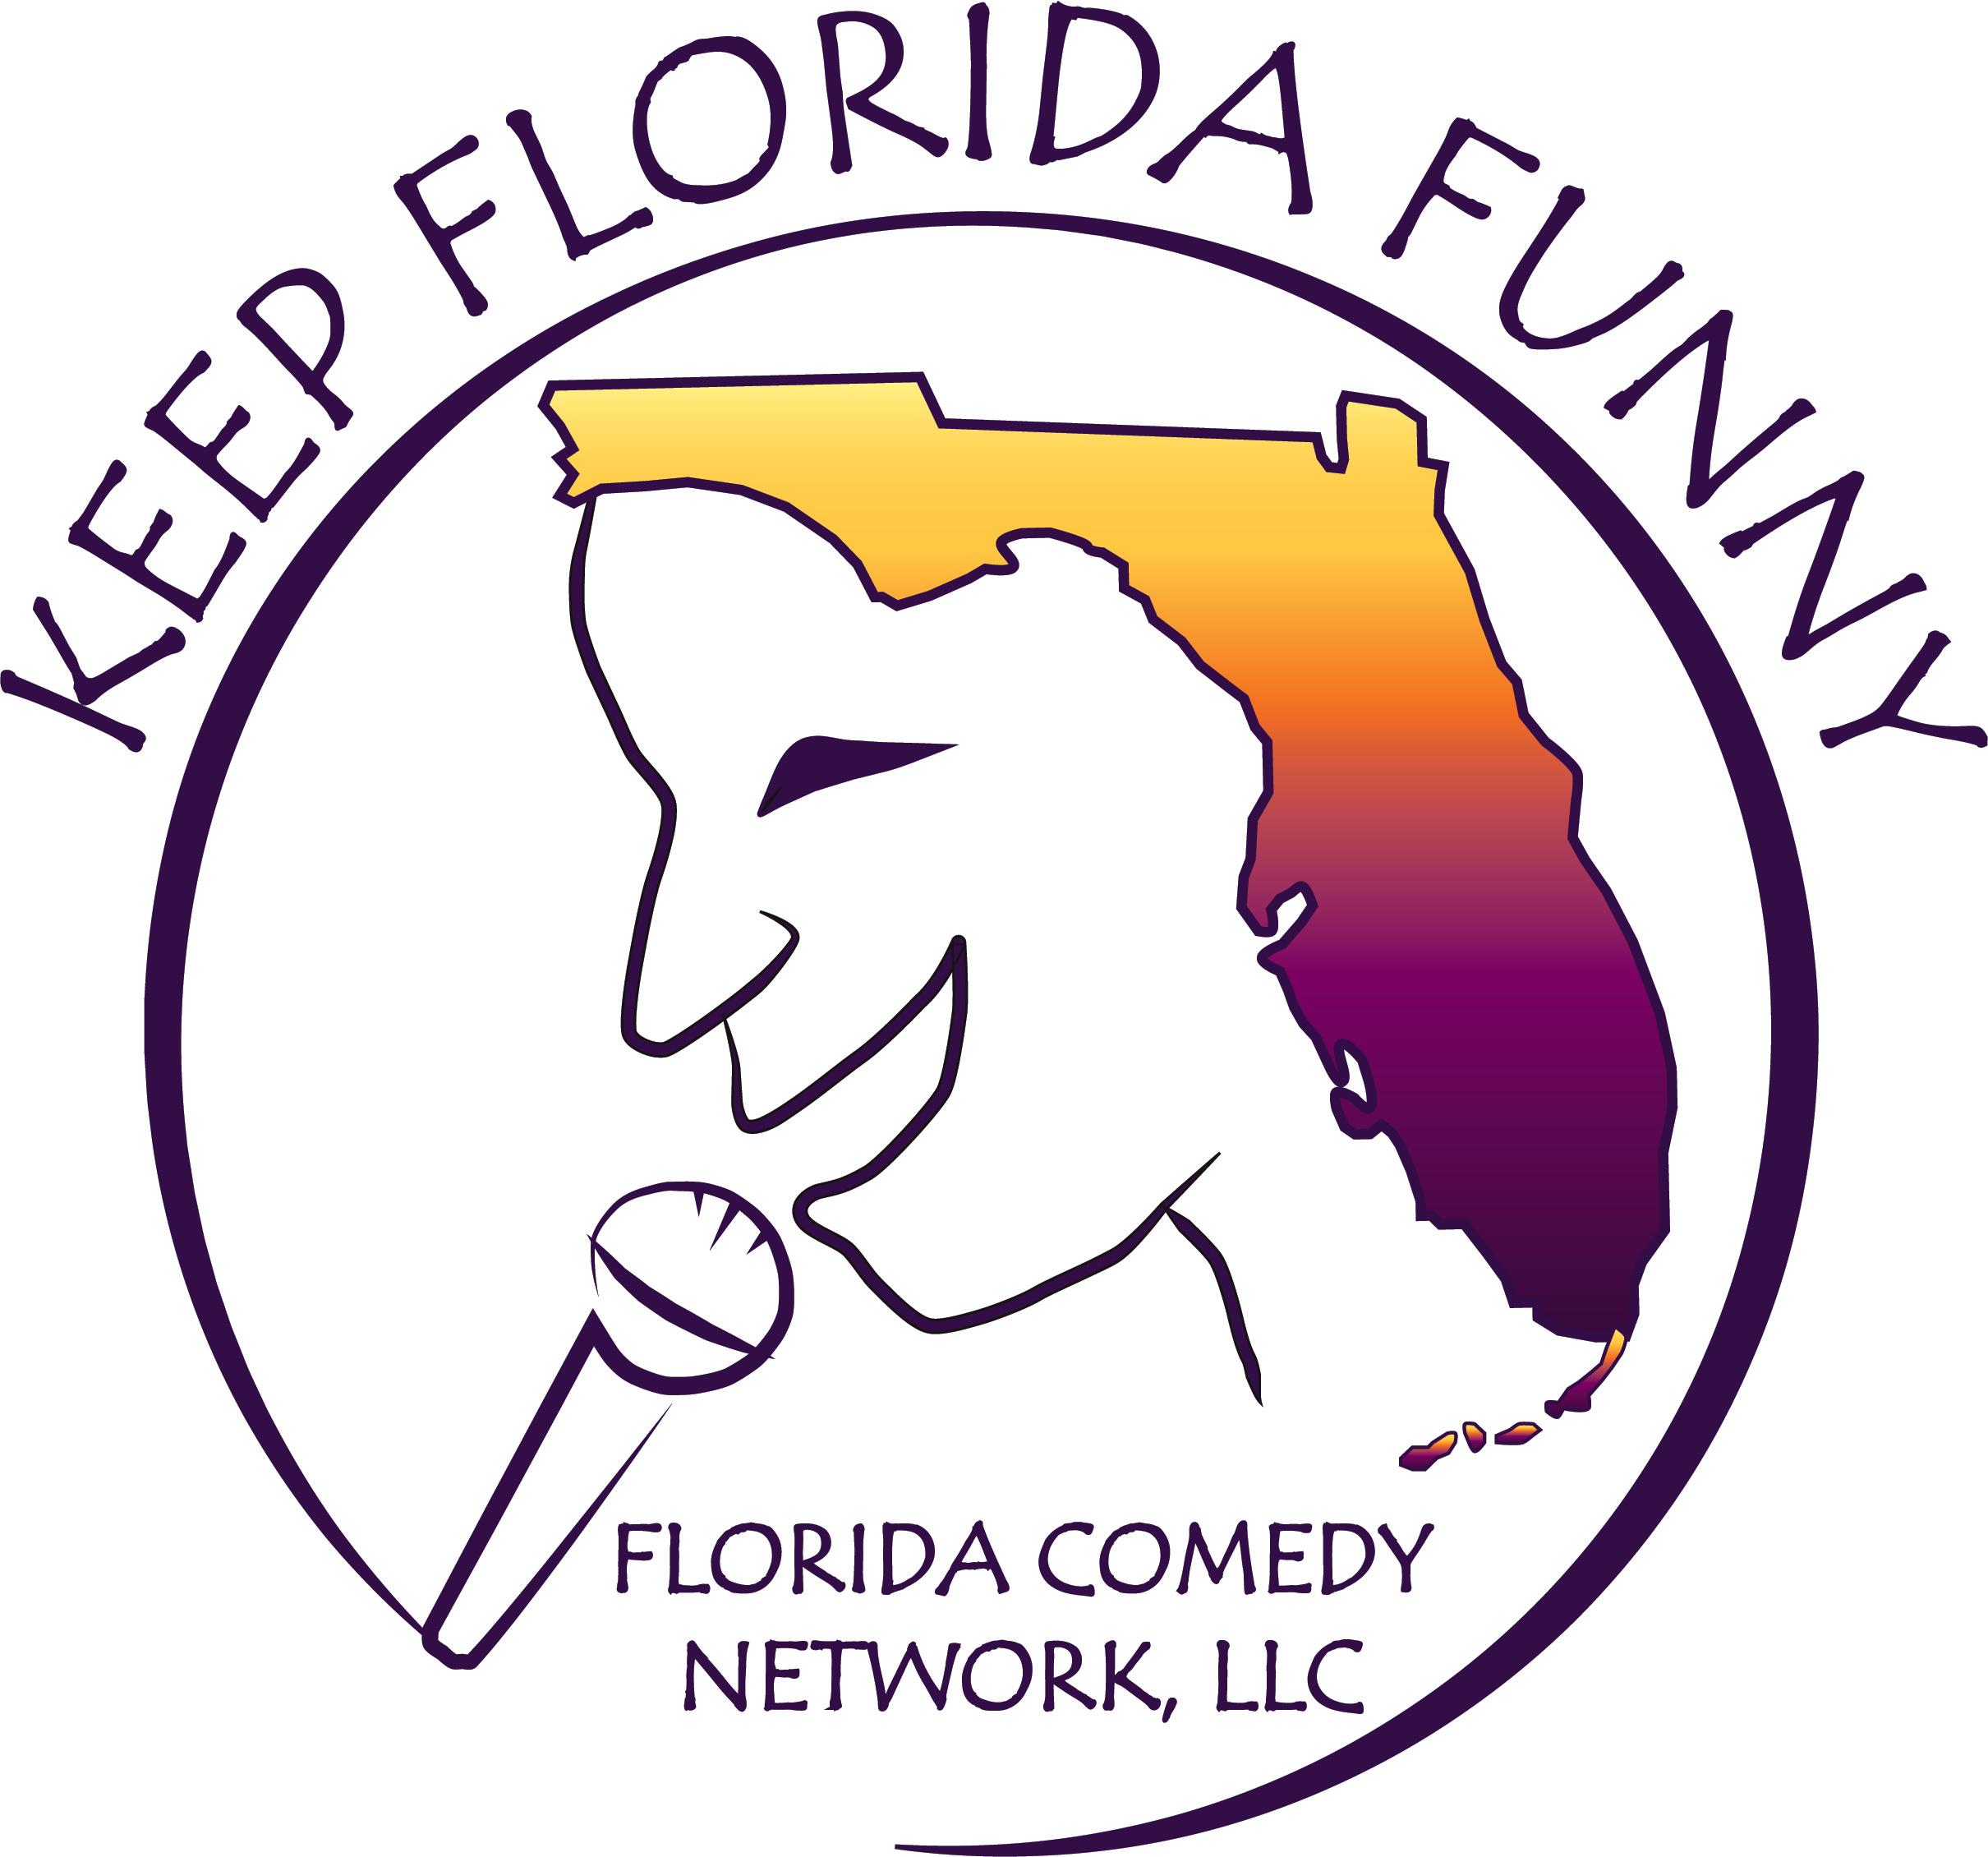 Keep Florida Funny